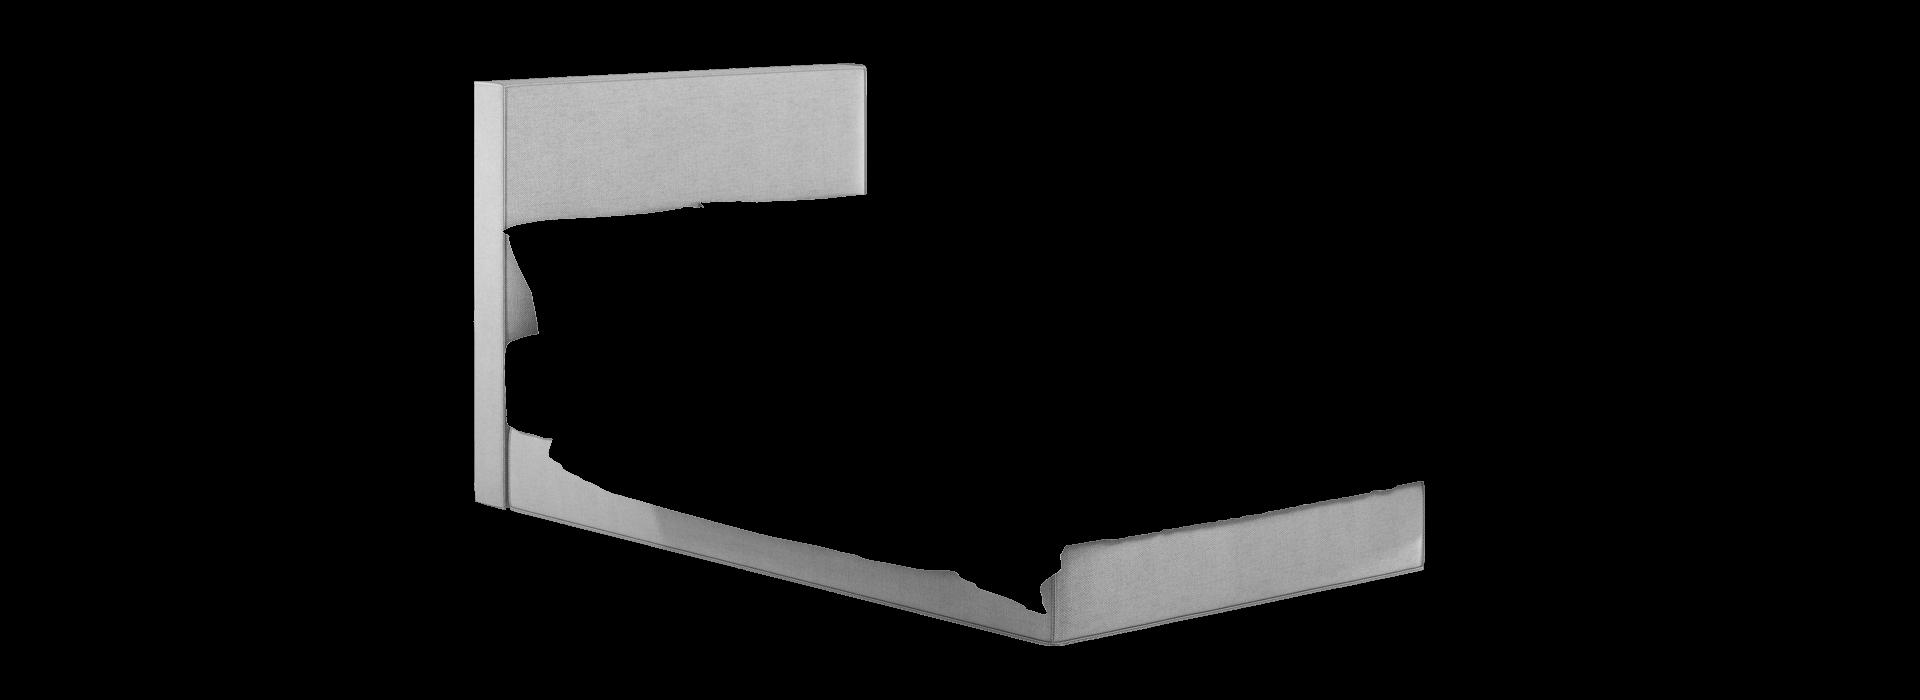 Лина 1.2 кровать с подъемником - маска 2